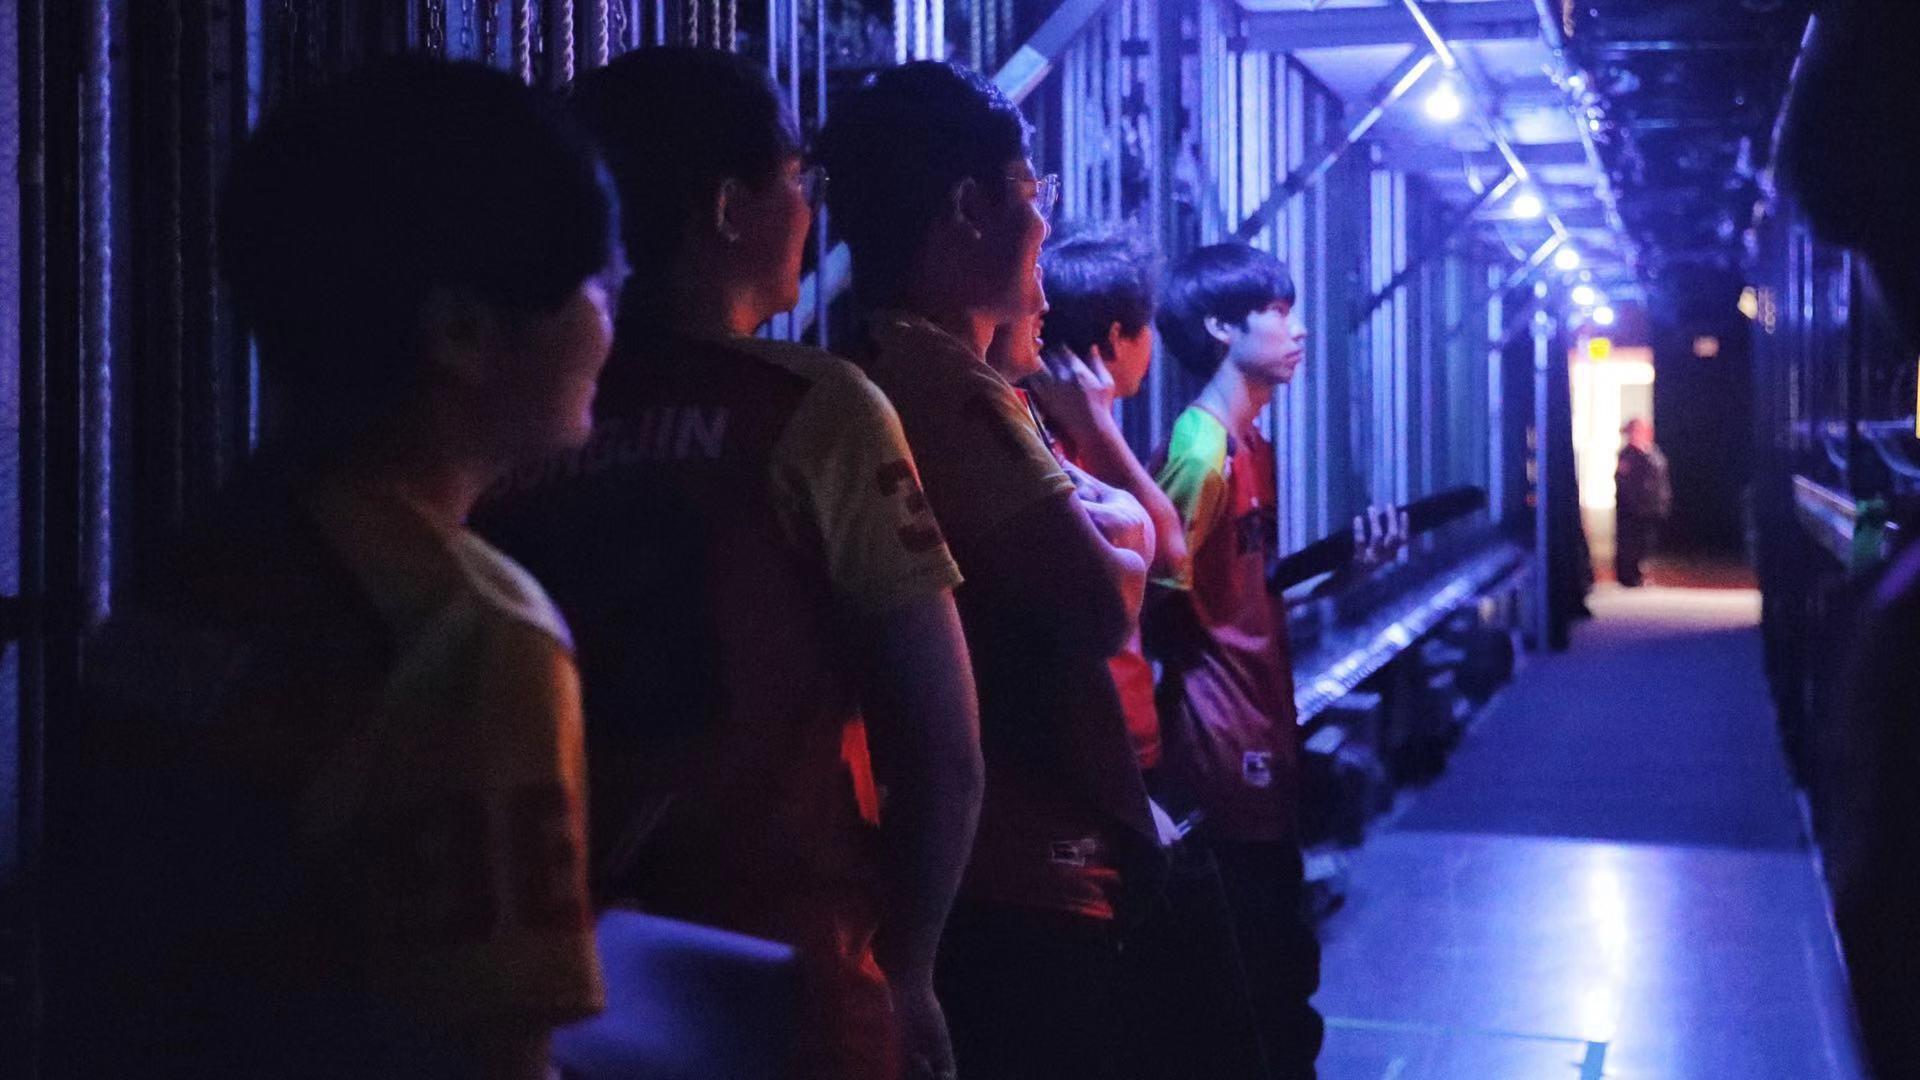 2019《守望先锋》4月5日上海巡礼 上海龙之队第二阶段征程拉开帷幕